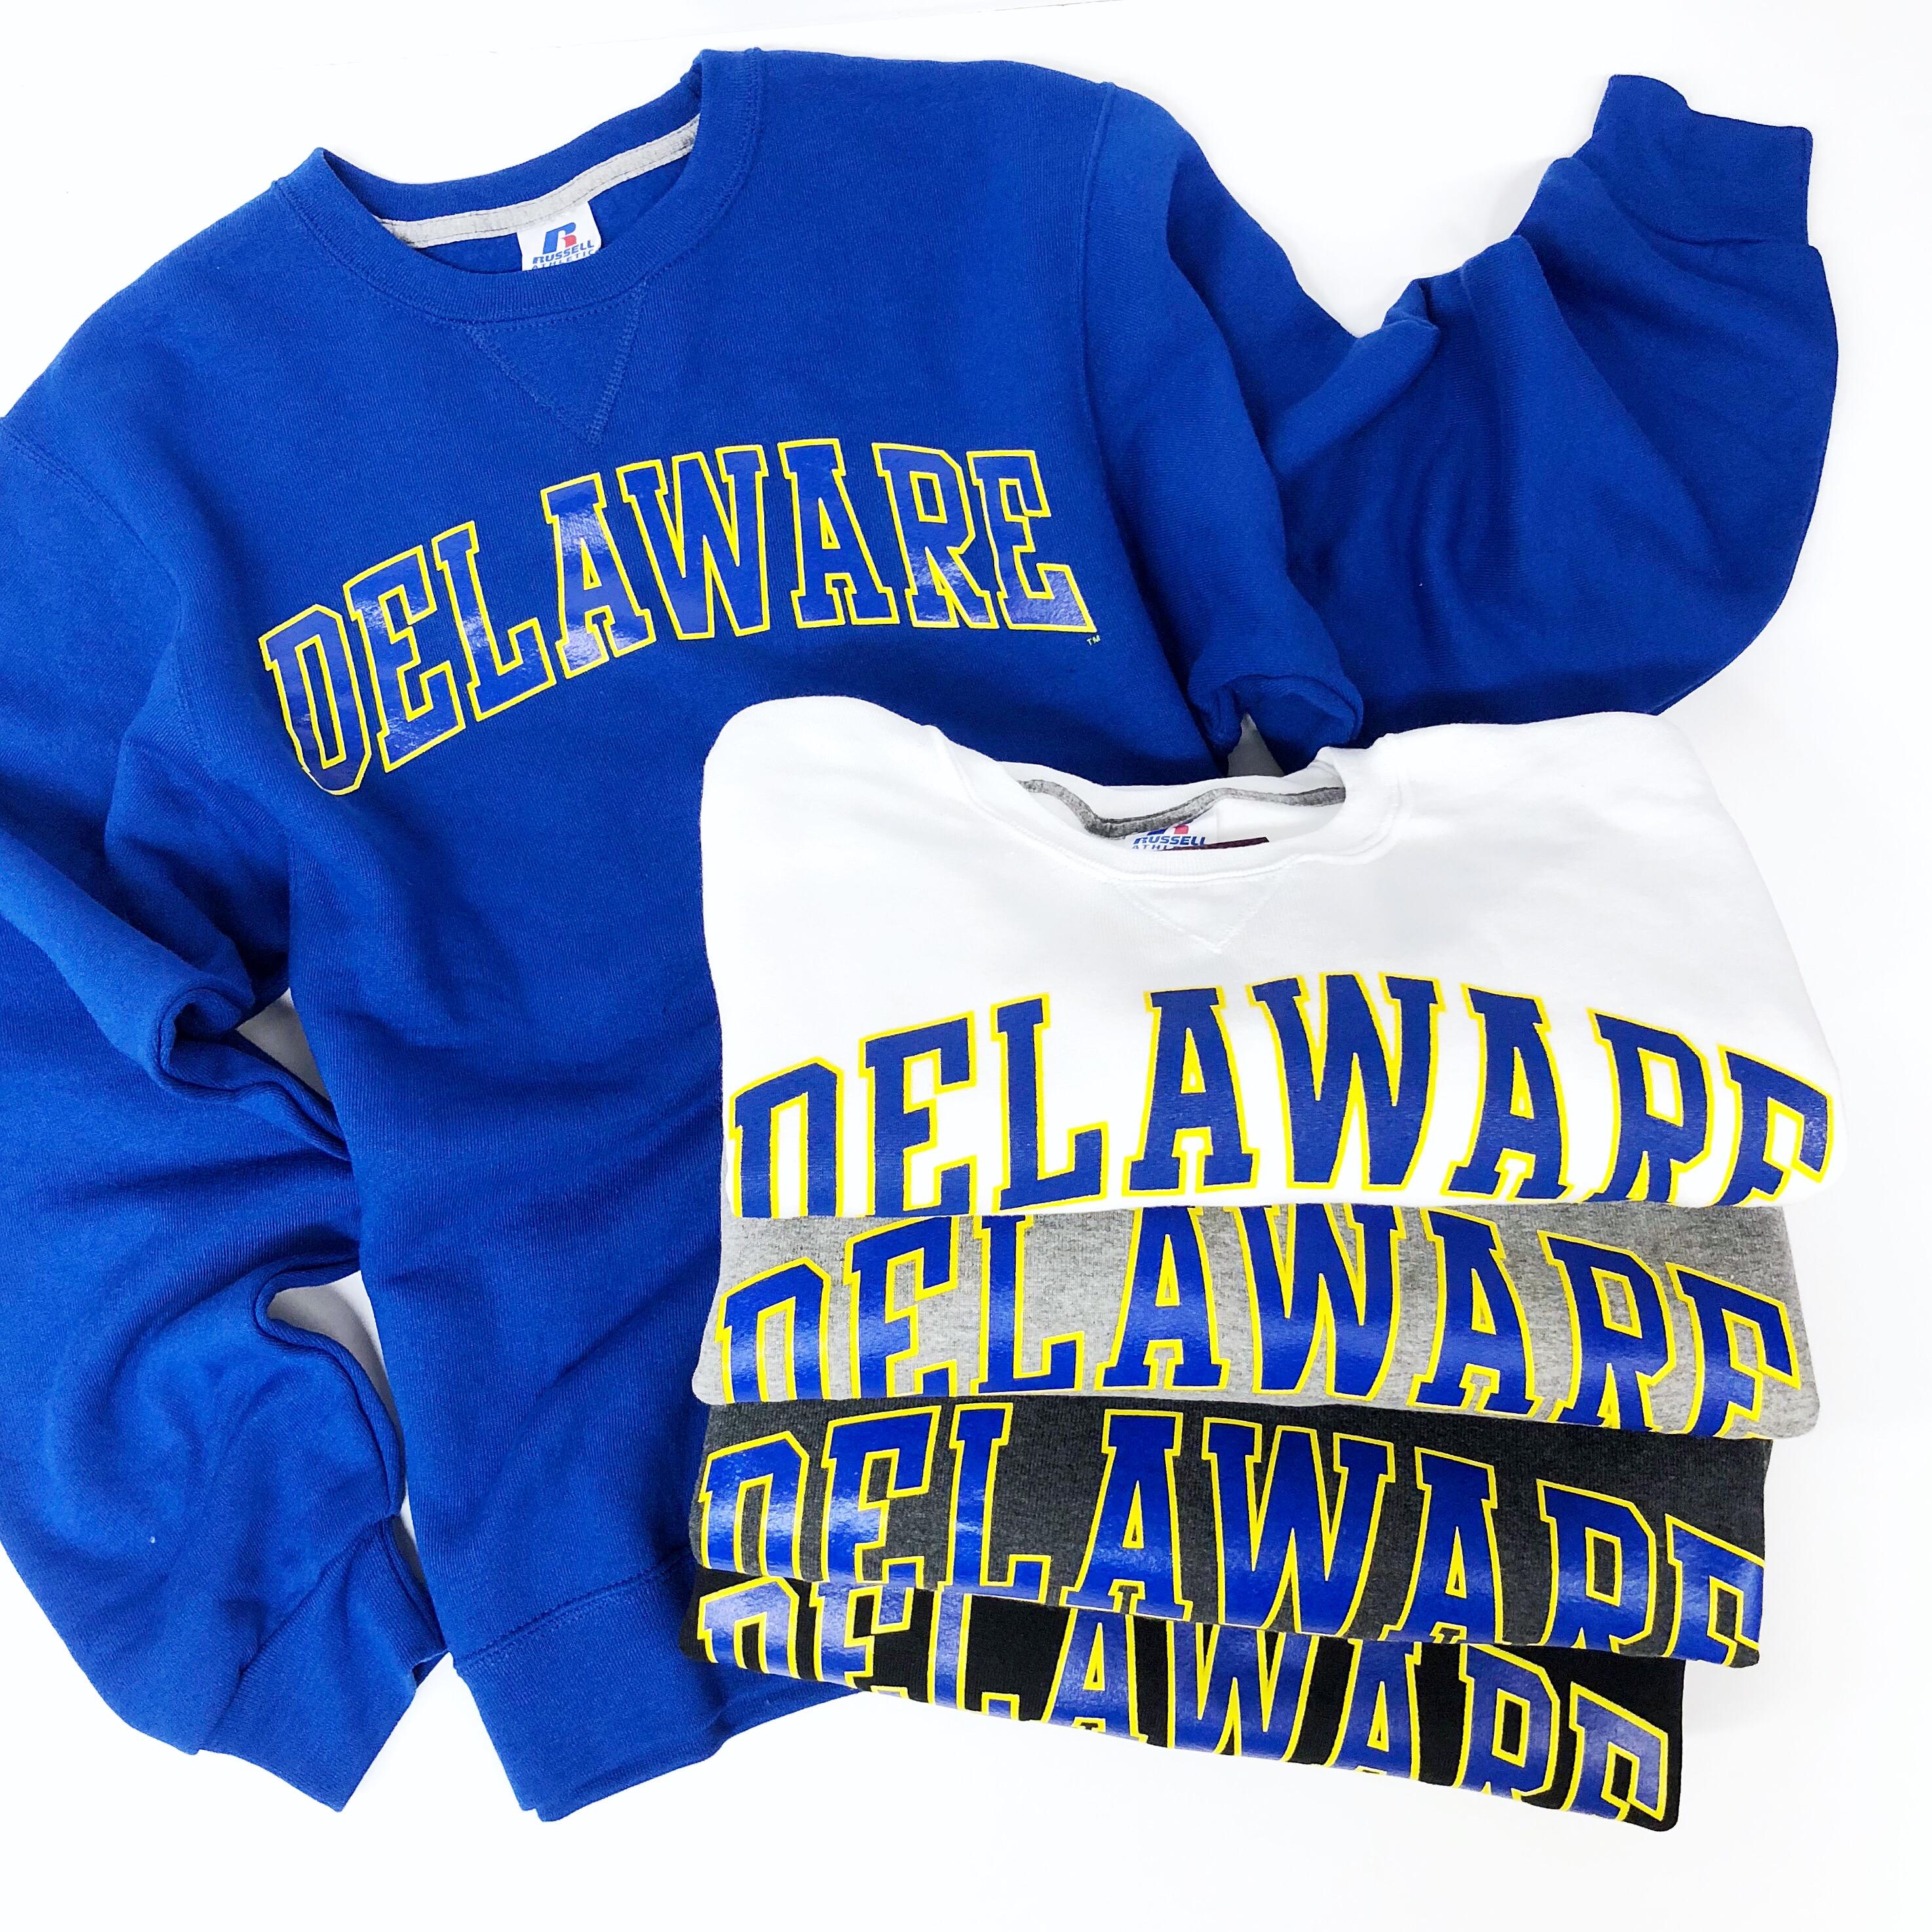 76527365 University of Delaware Arched Delaware Crew Neck Sweatshirt ...